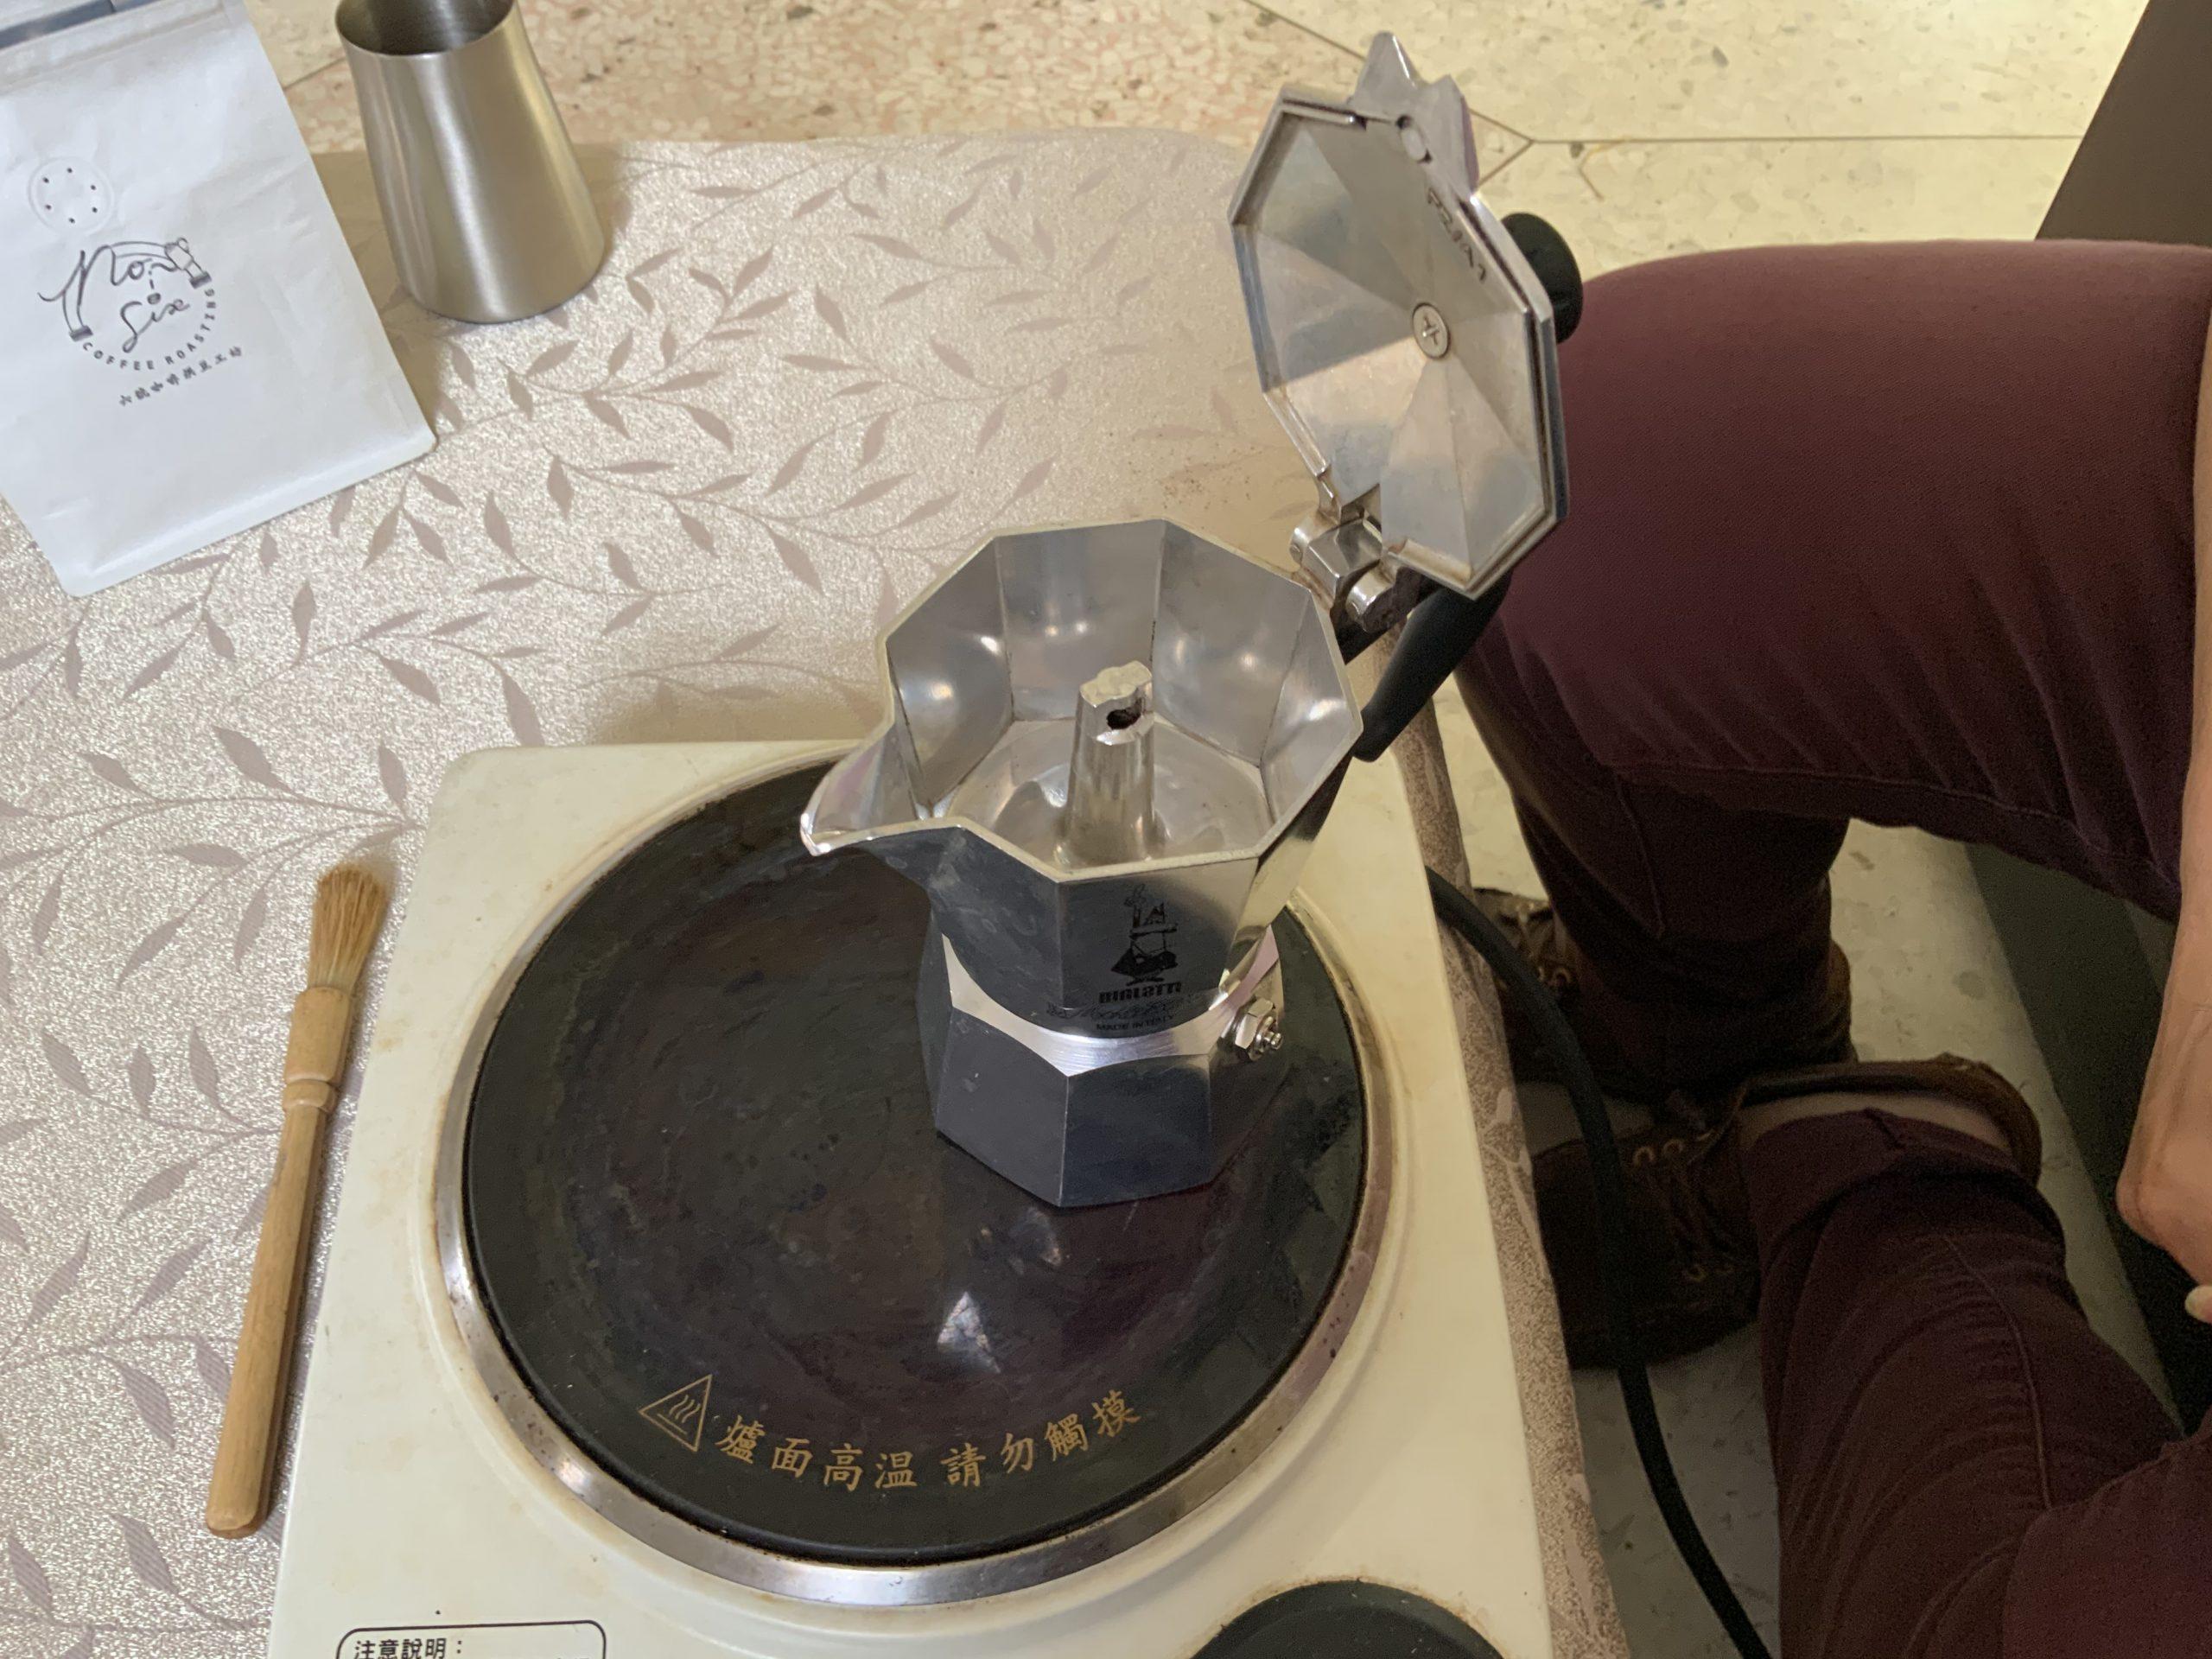 不藏私沖煮咖啡 摩卡壼 bialetti